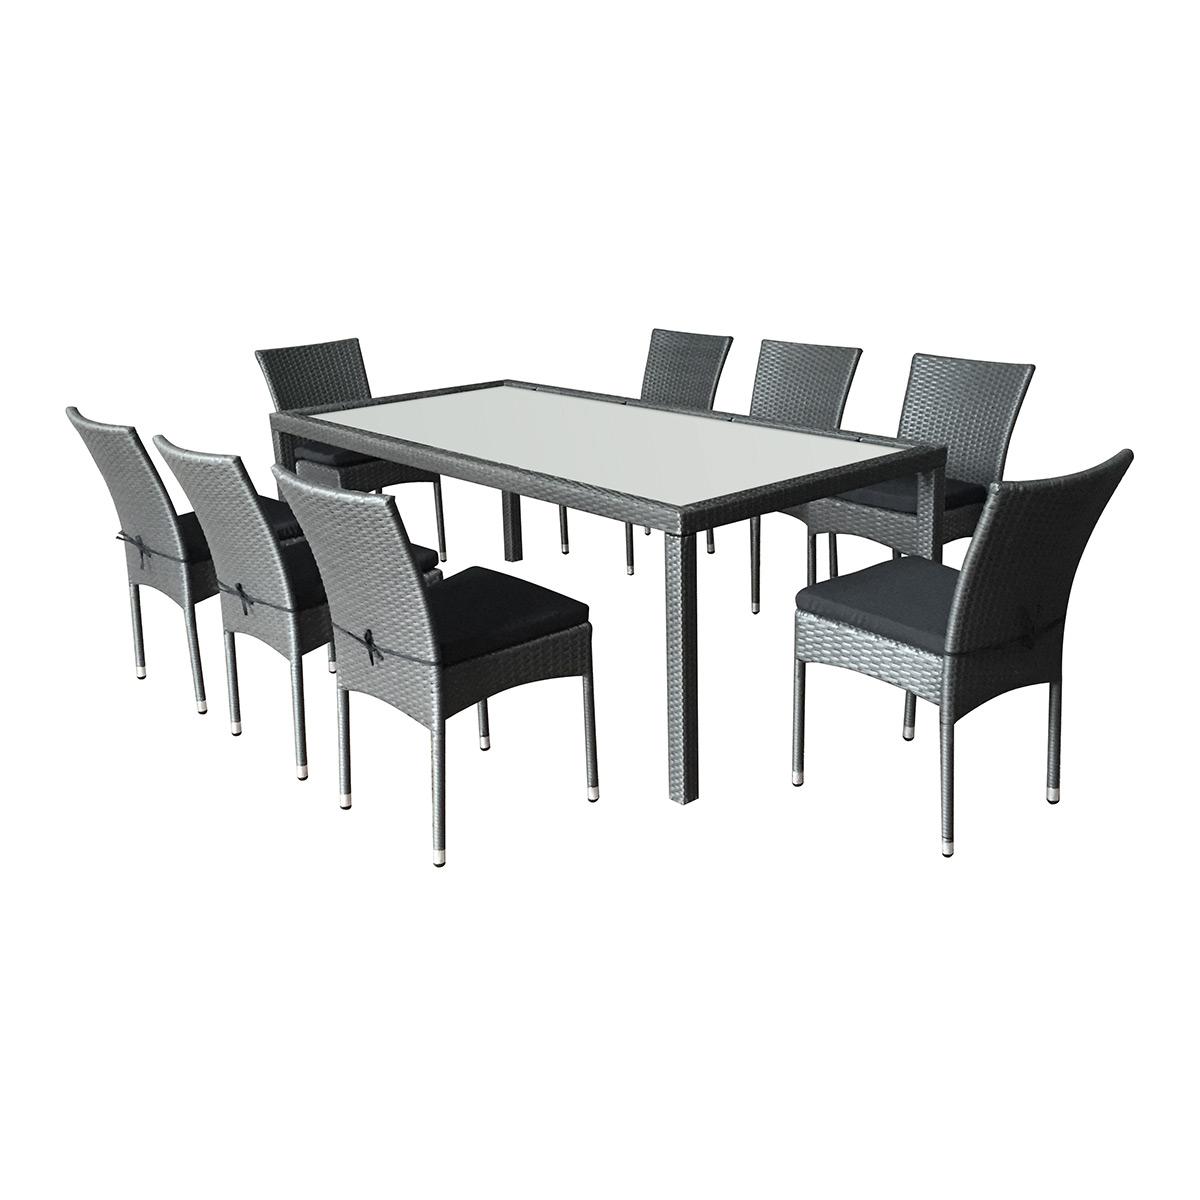 Salon de jardin en résine tressée 8 chaises et 1 table rectangulaire, coussins noirs, Doha